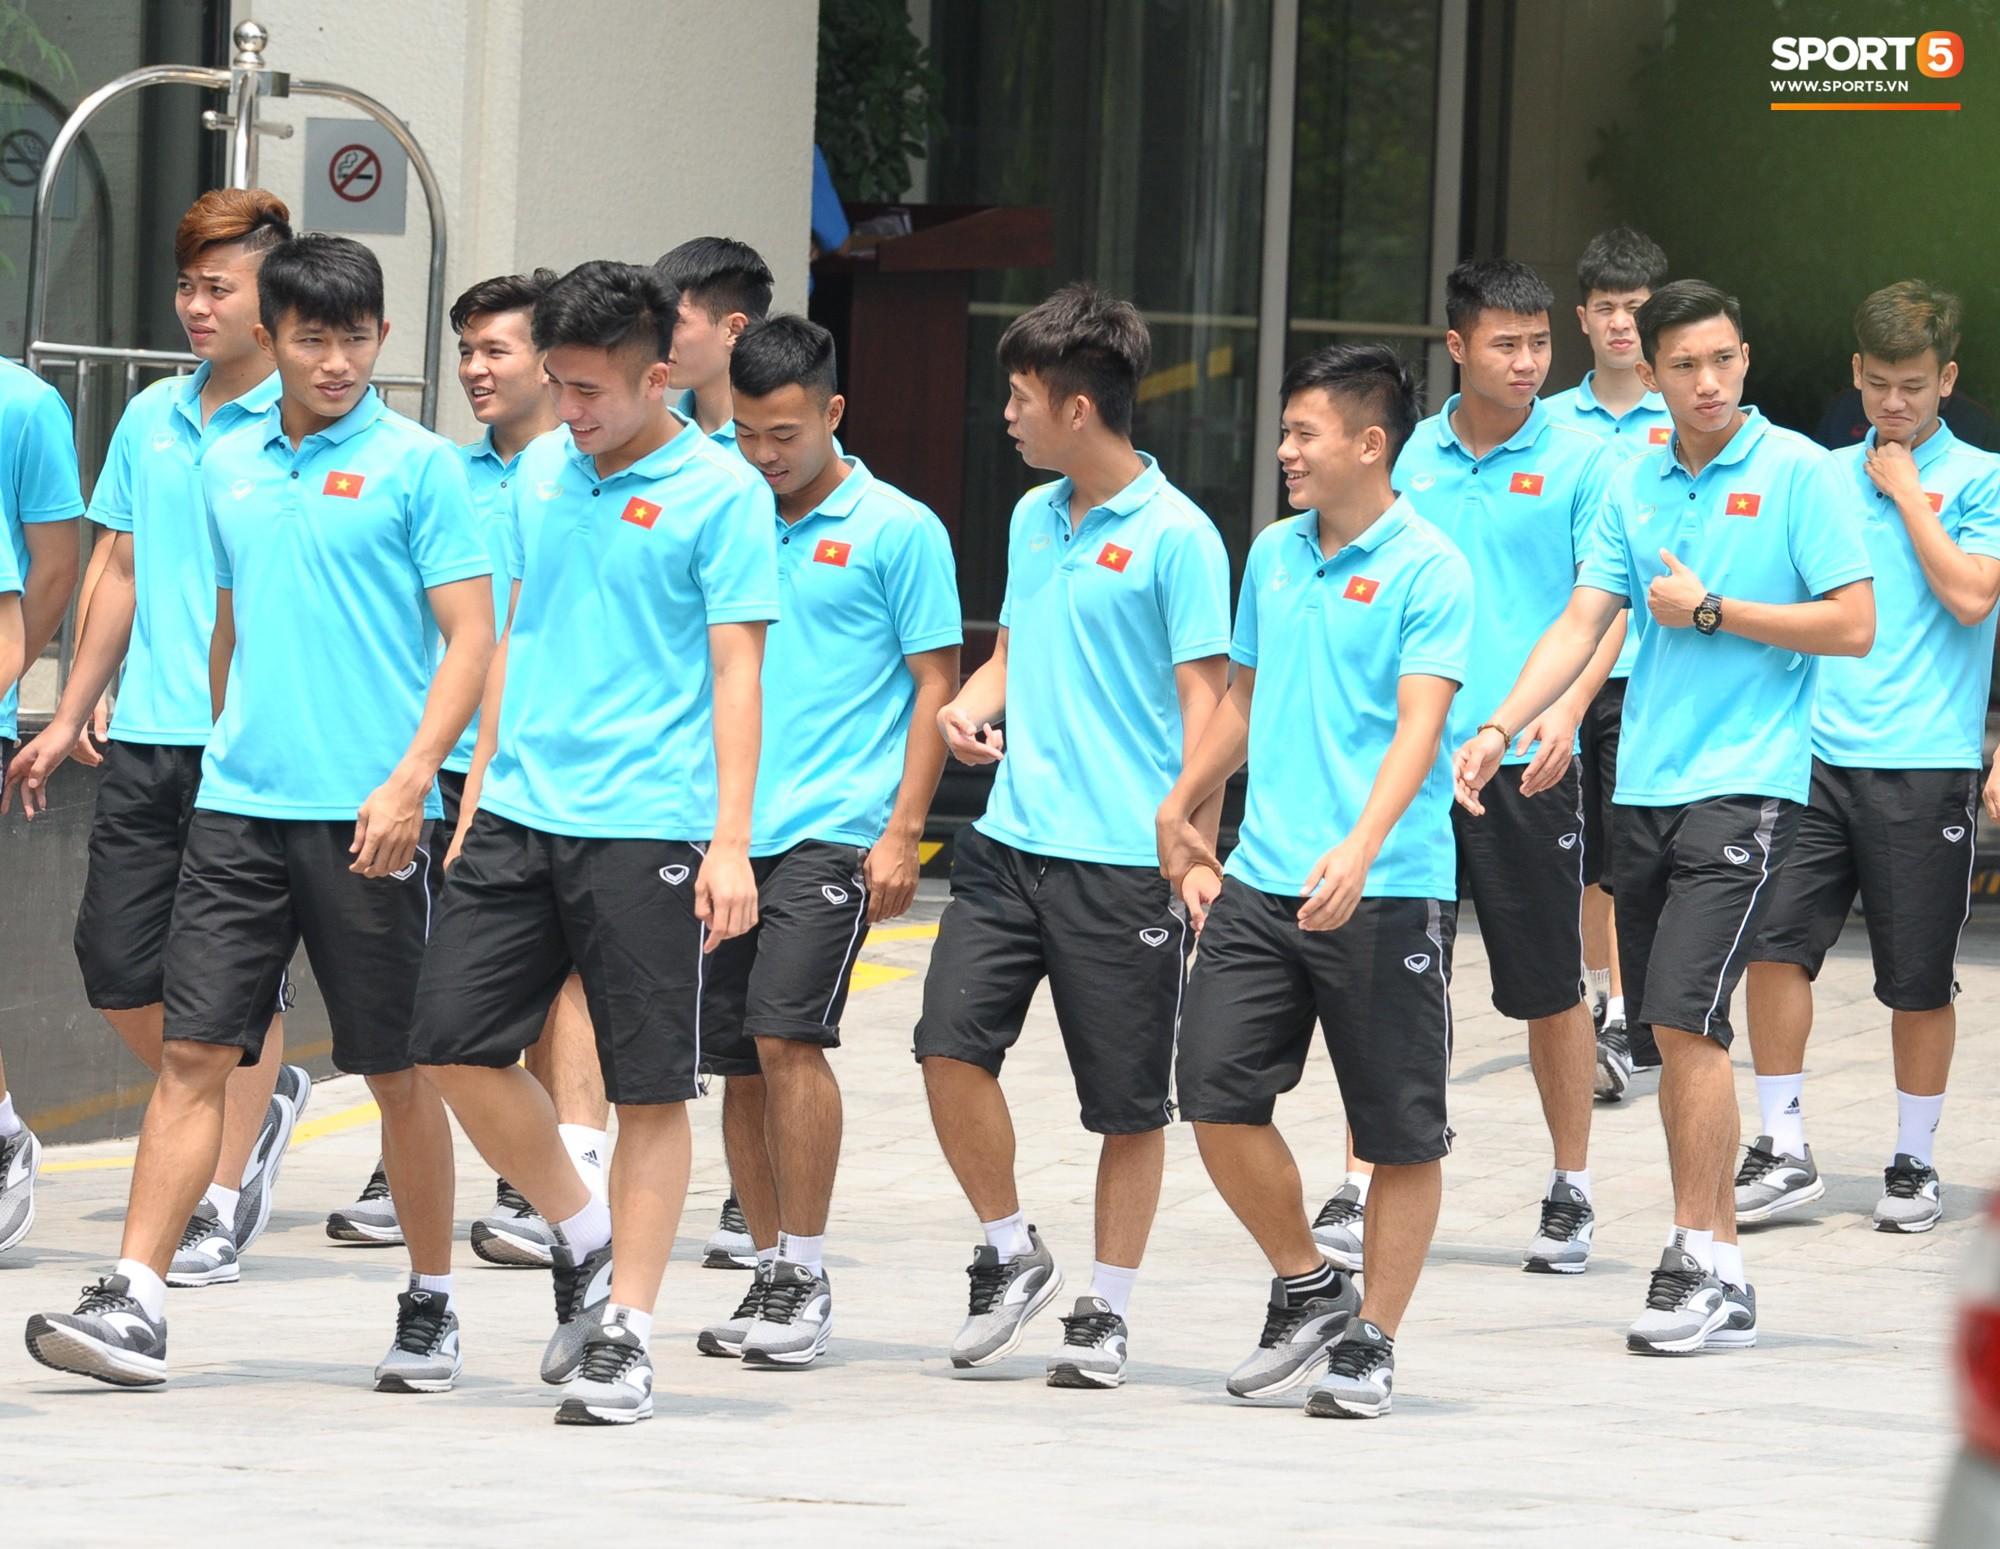 Quang Hải, Đình Trọng nhăn nhó khi đi bộ thể dục lúc 12h trưa-2